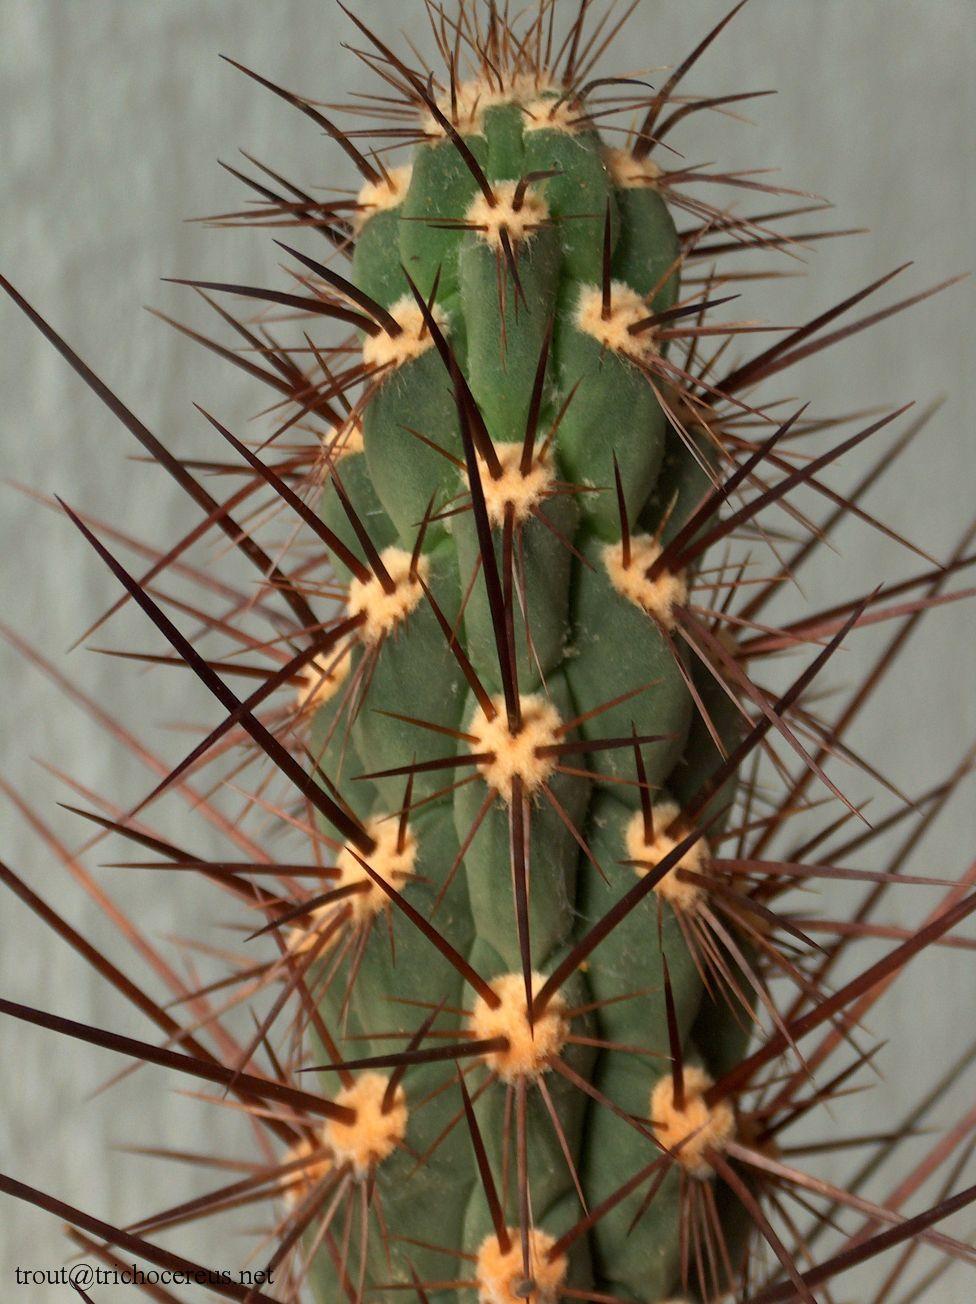 Trichocereus deserticola